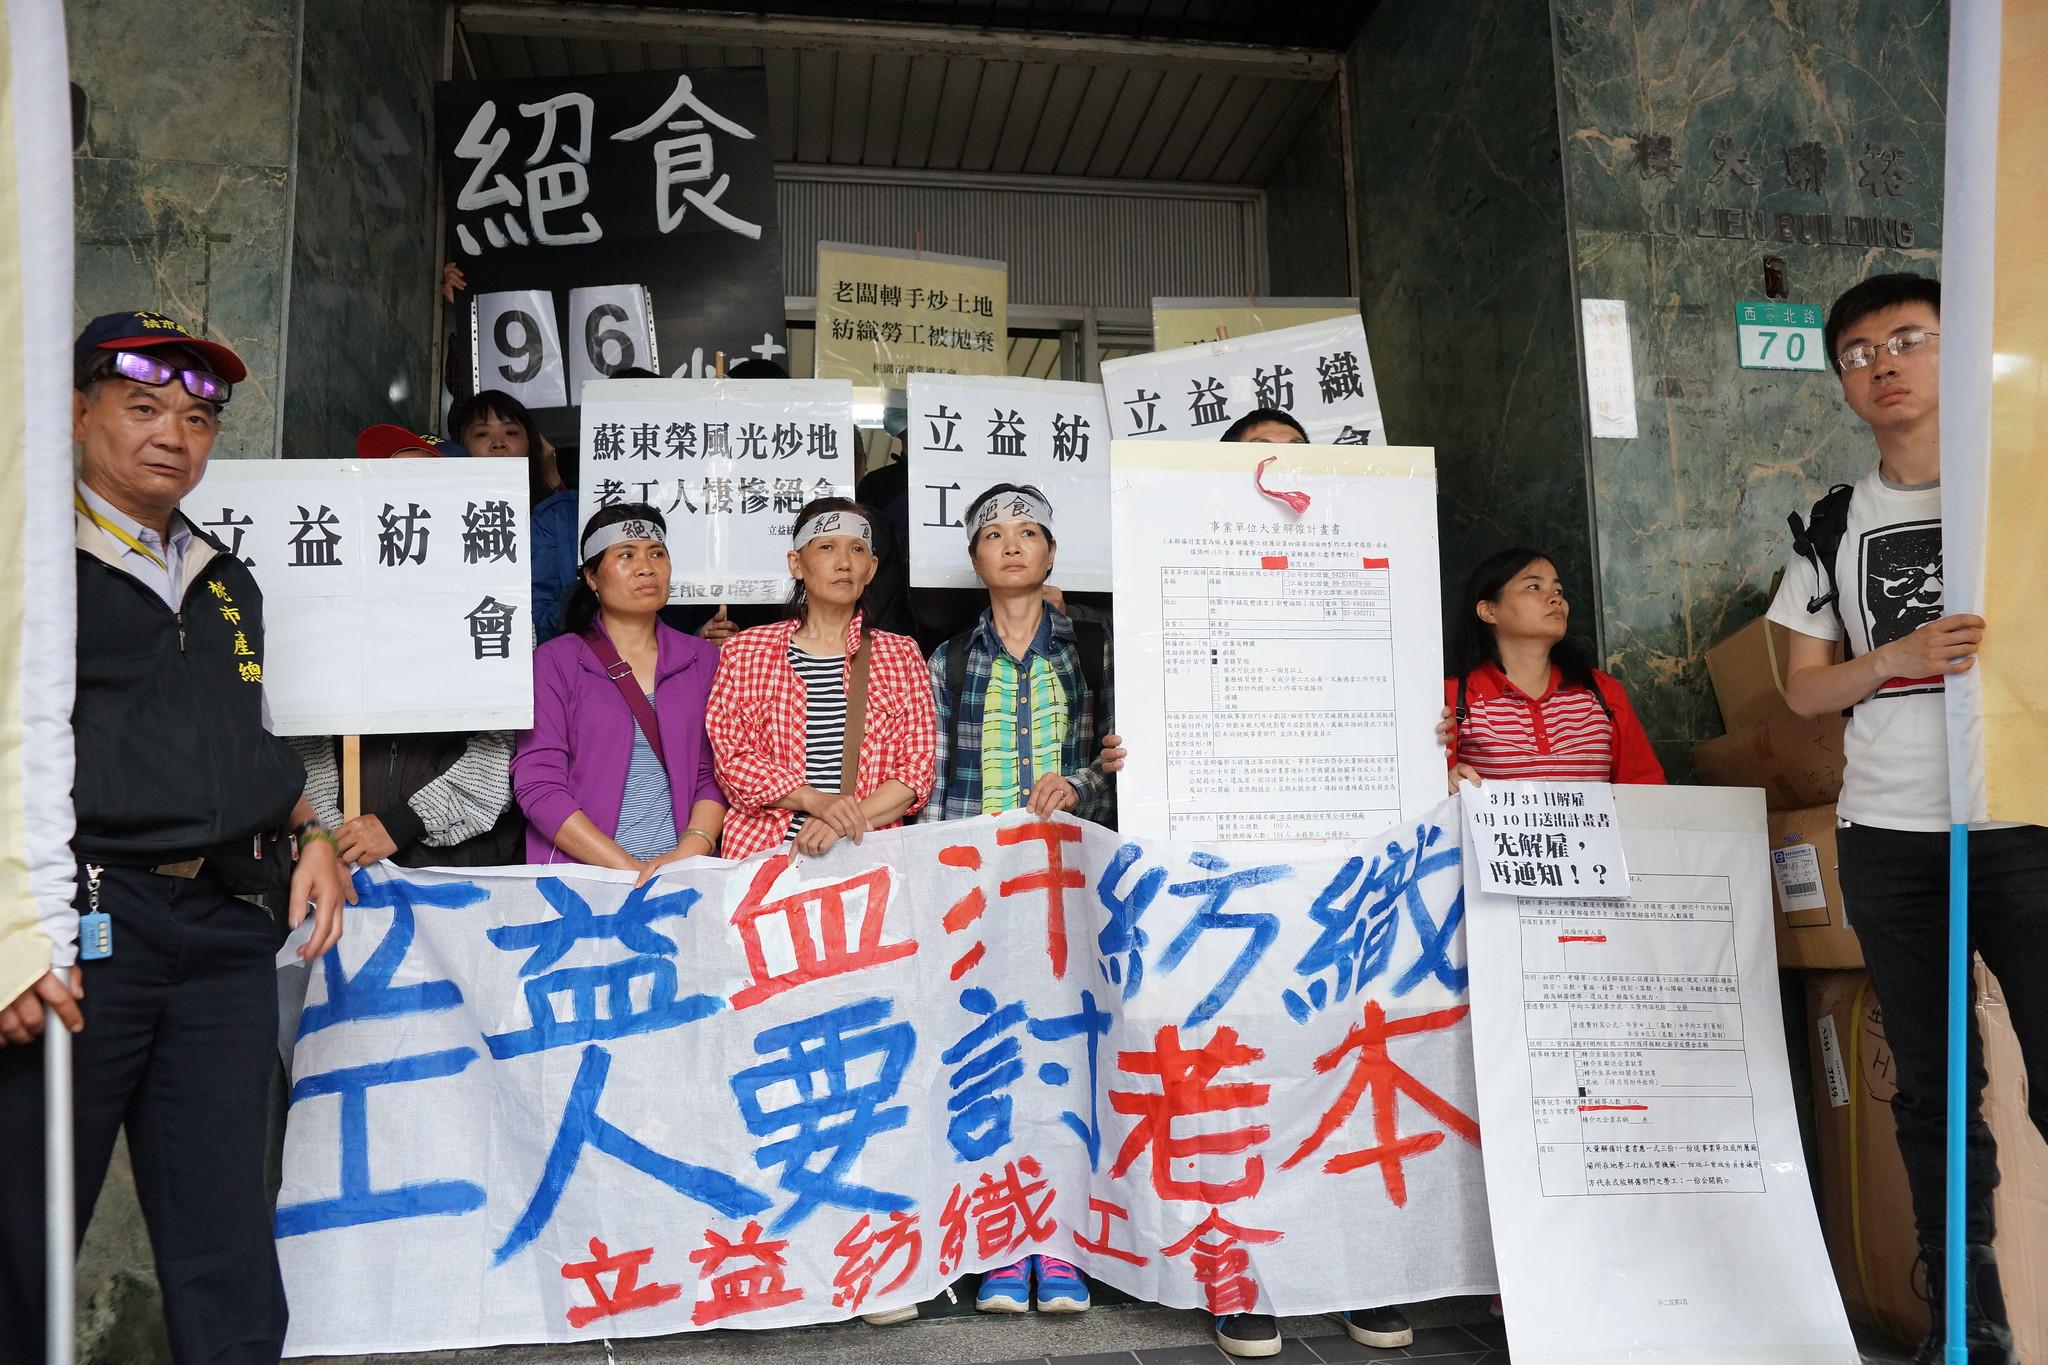 立益女工絕食超過96小時,上午赴總公司抗議。(攝影:王顥中)